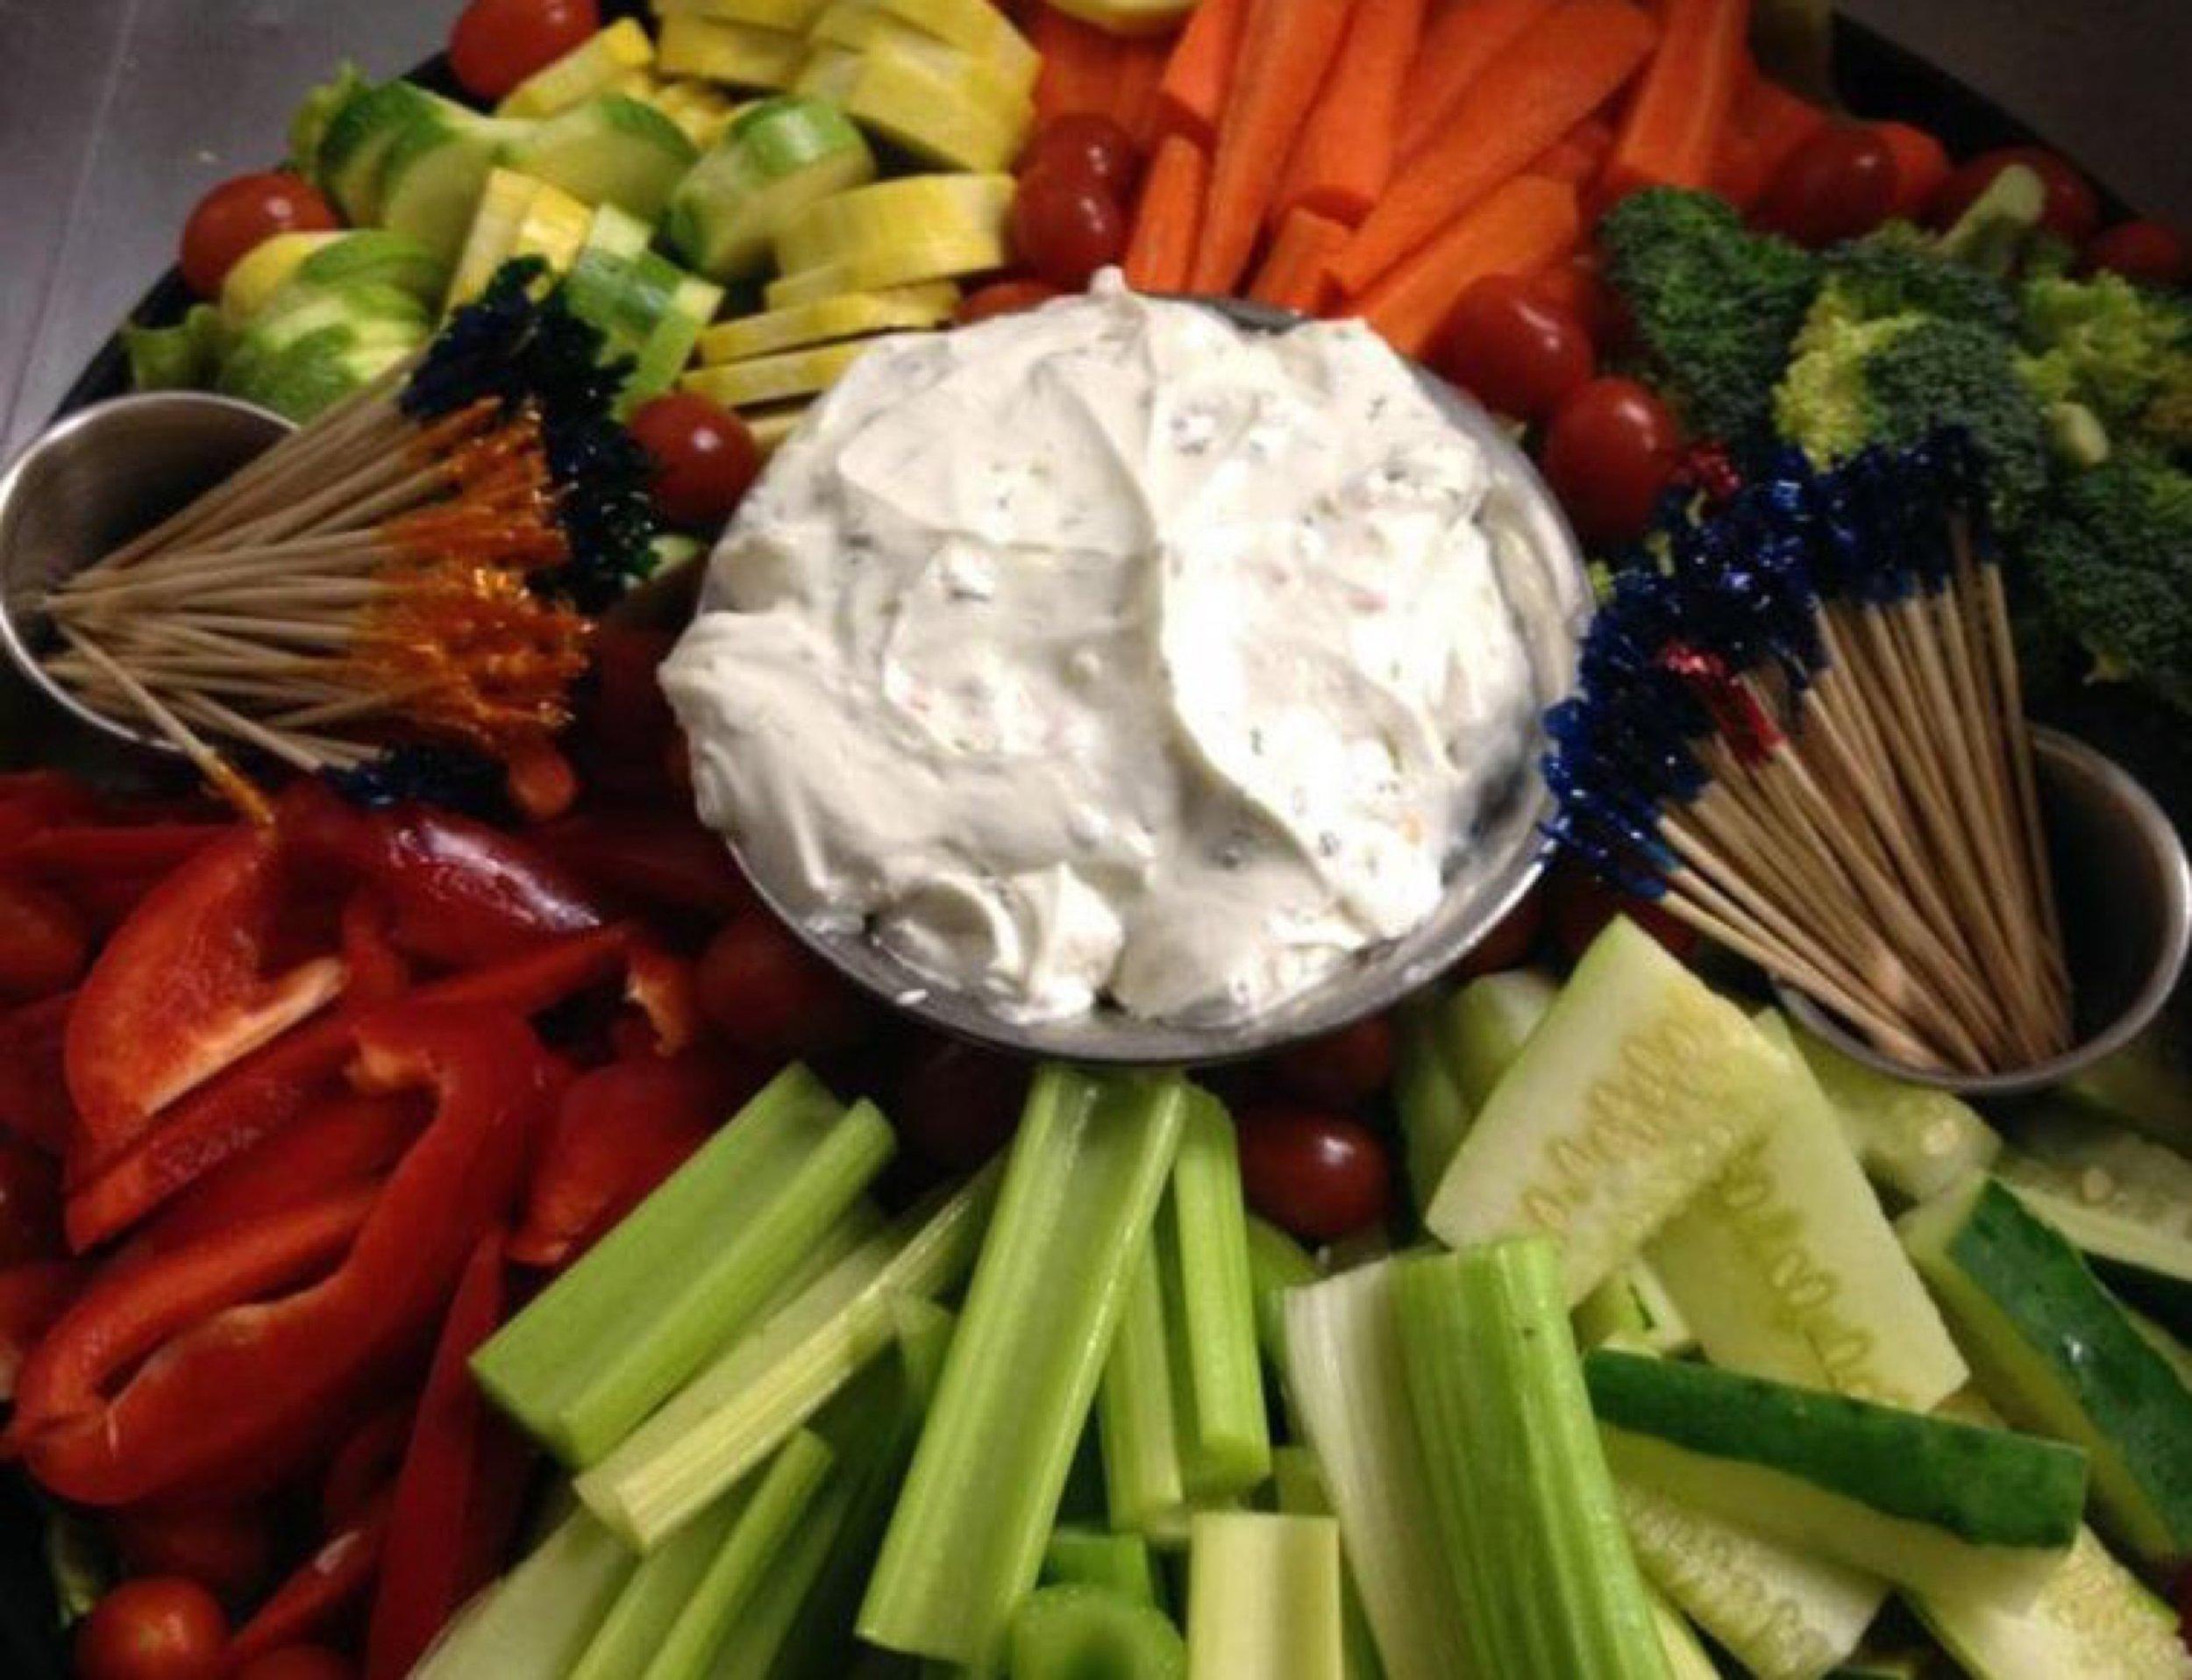 Veggie Platter_Cleaned Up.jpg